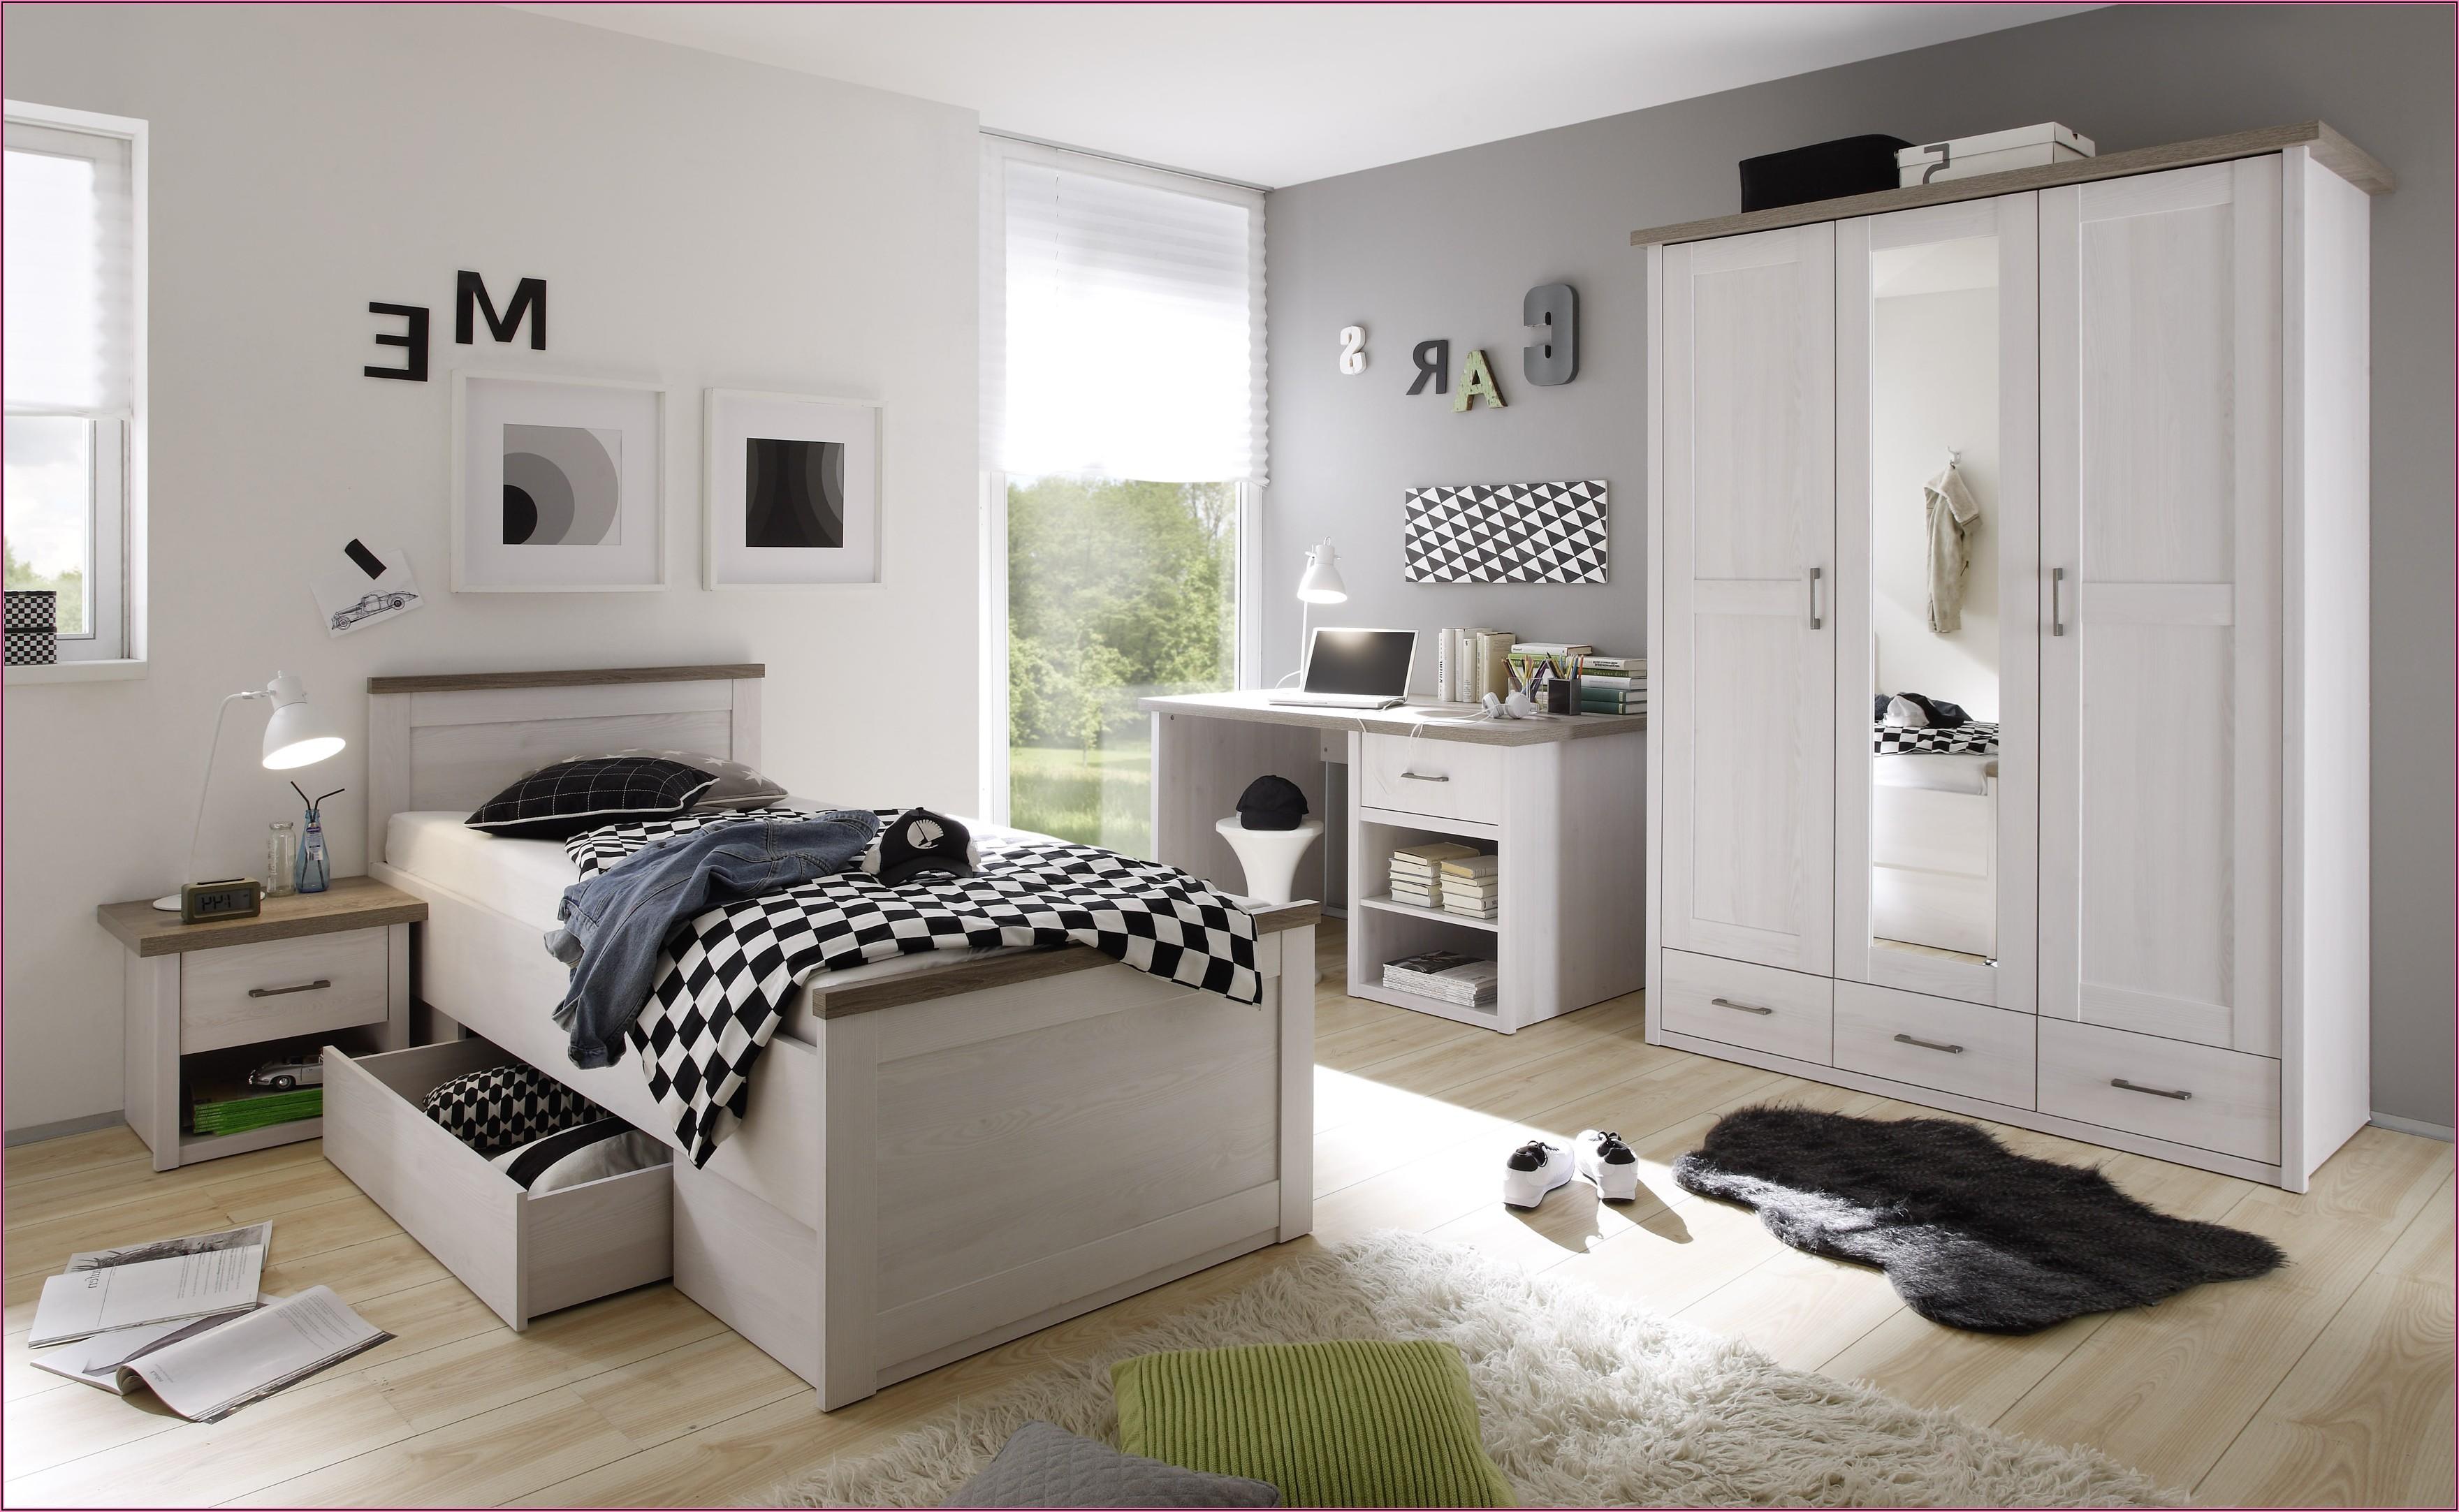 Jugendzimmer Komplett Mit 2 Betten